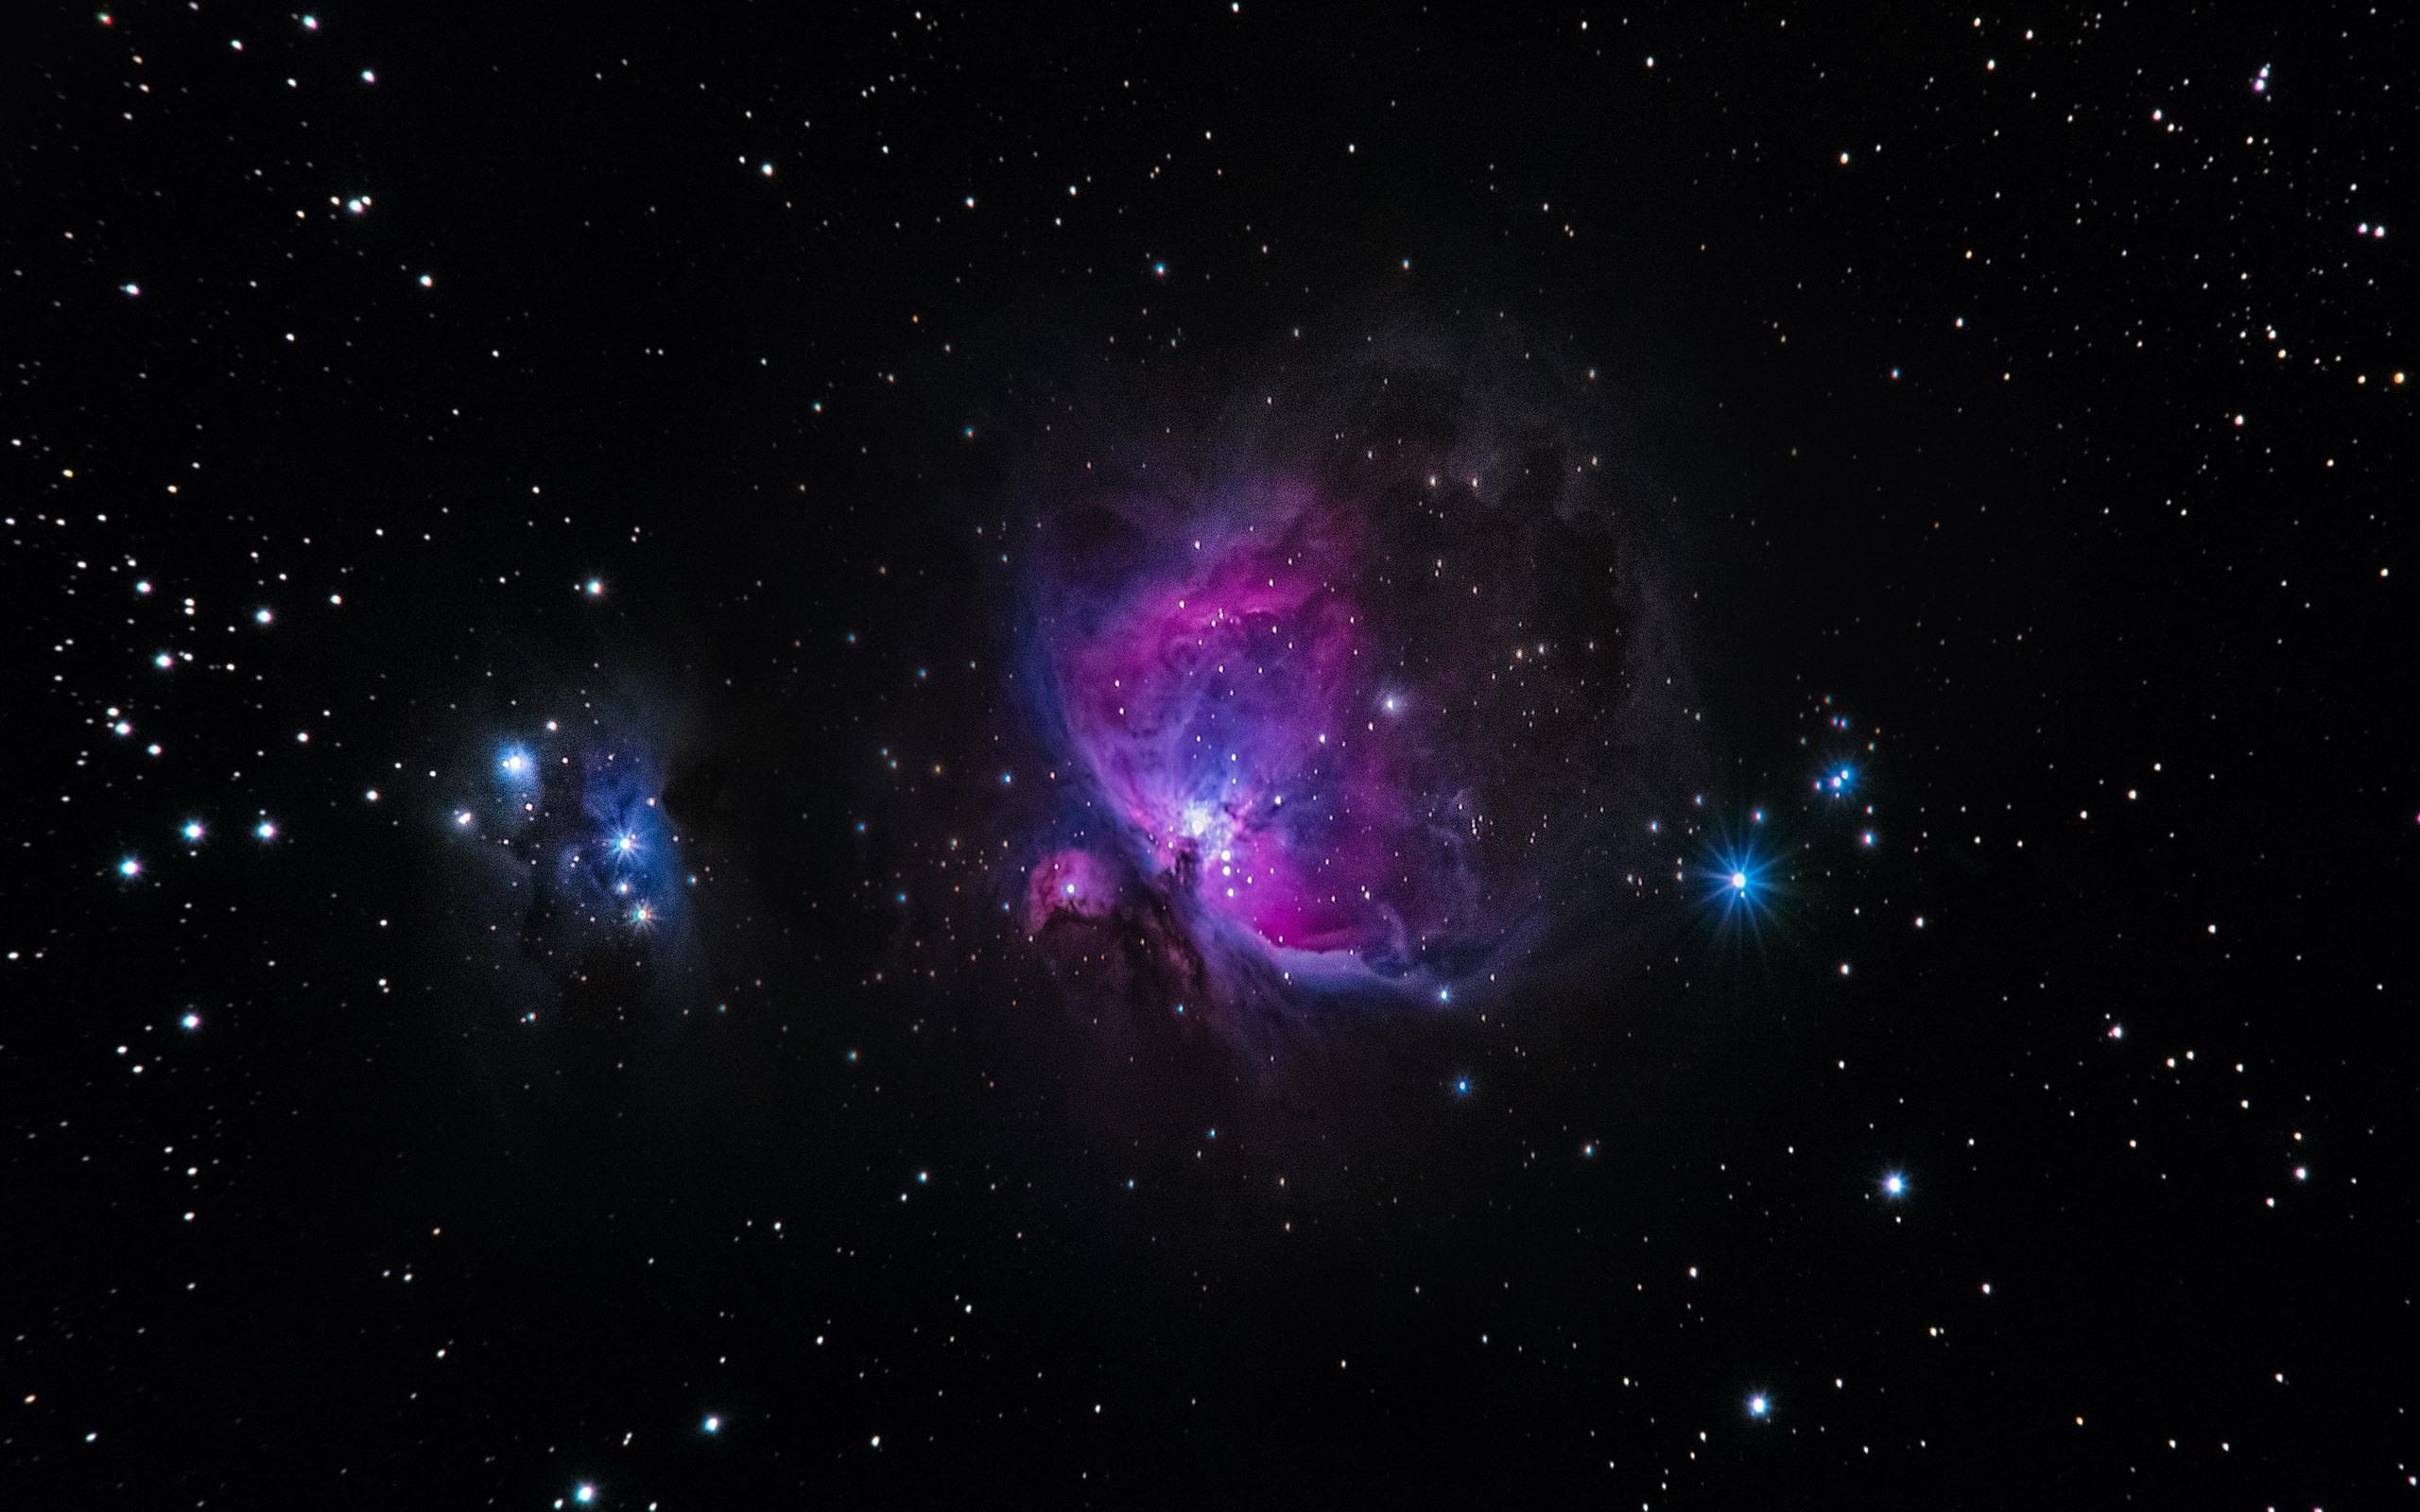 壁紙 銀河 星 宇宙 紫 5120x2880 Uhd 5k 無料のデスクトップの背景